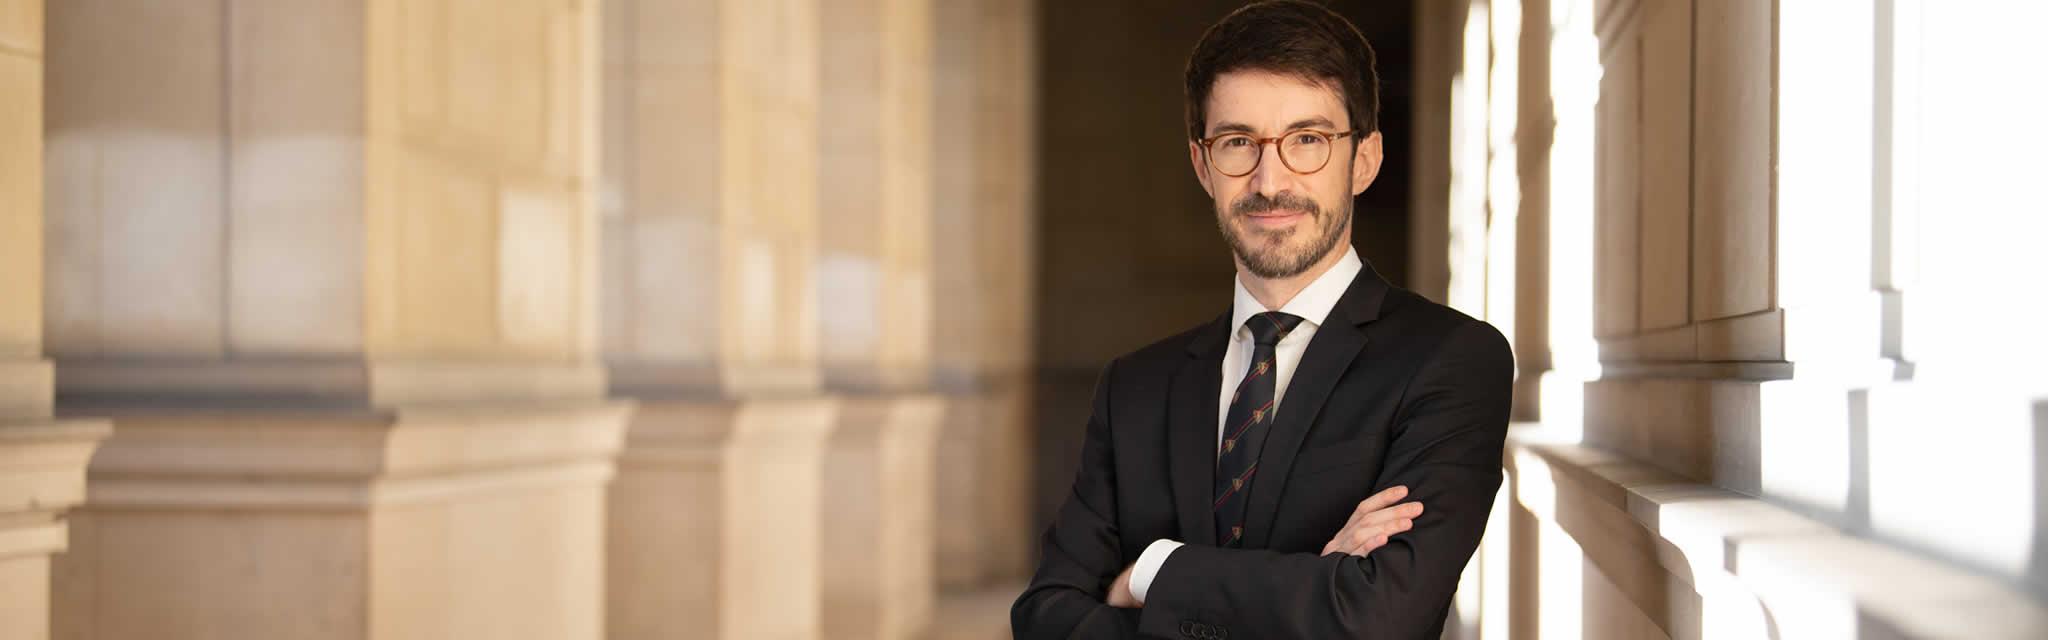 Pierre-Damien VENTON